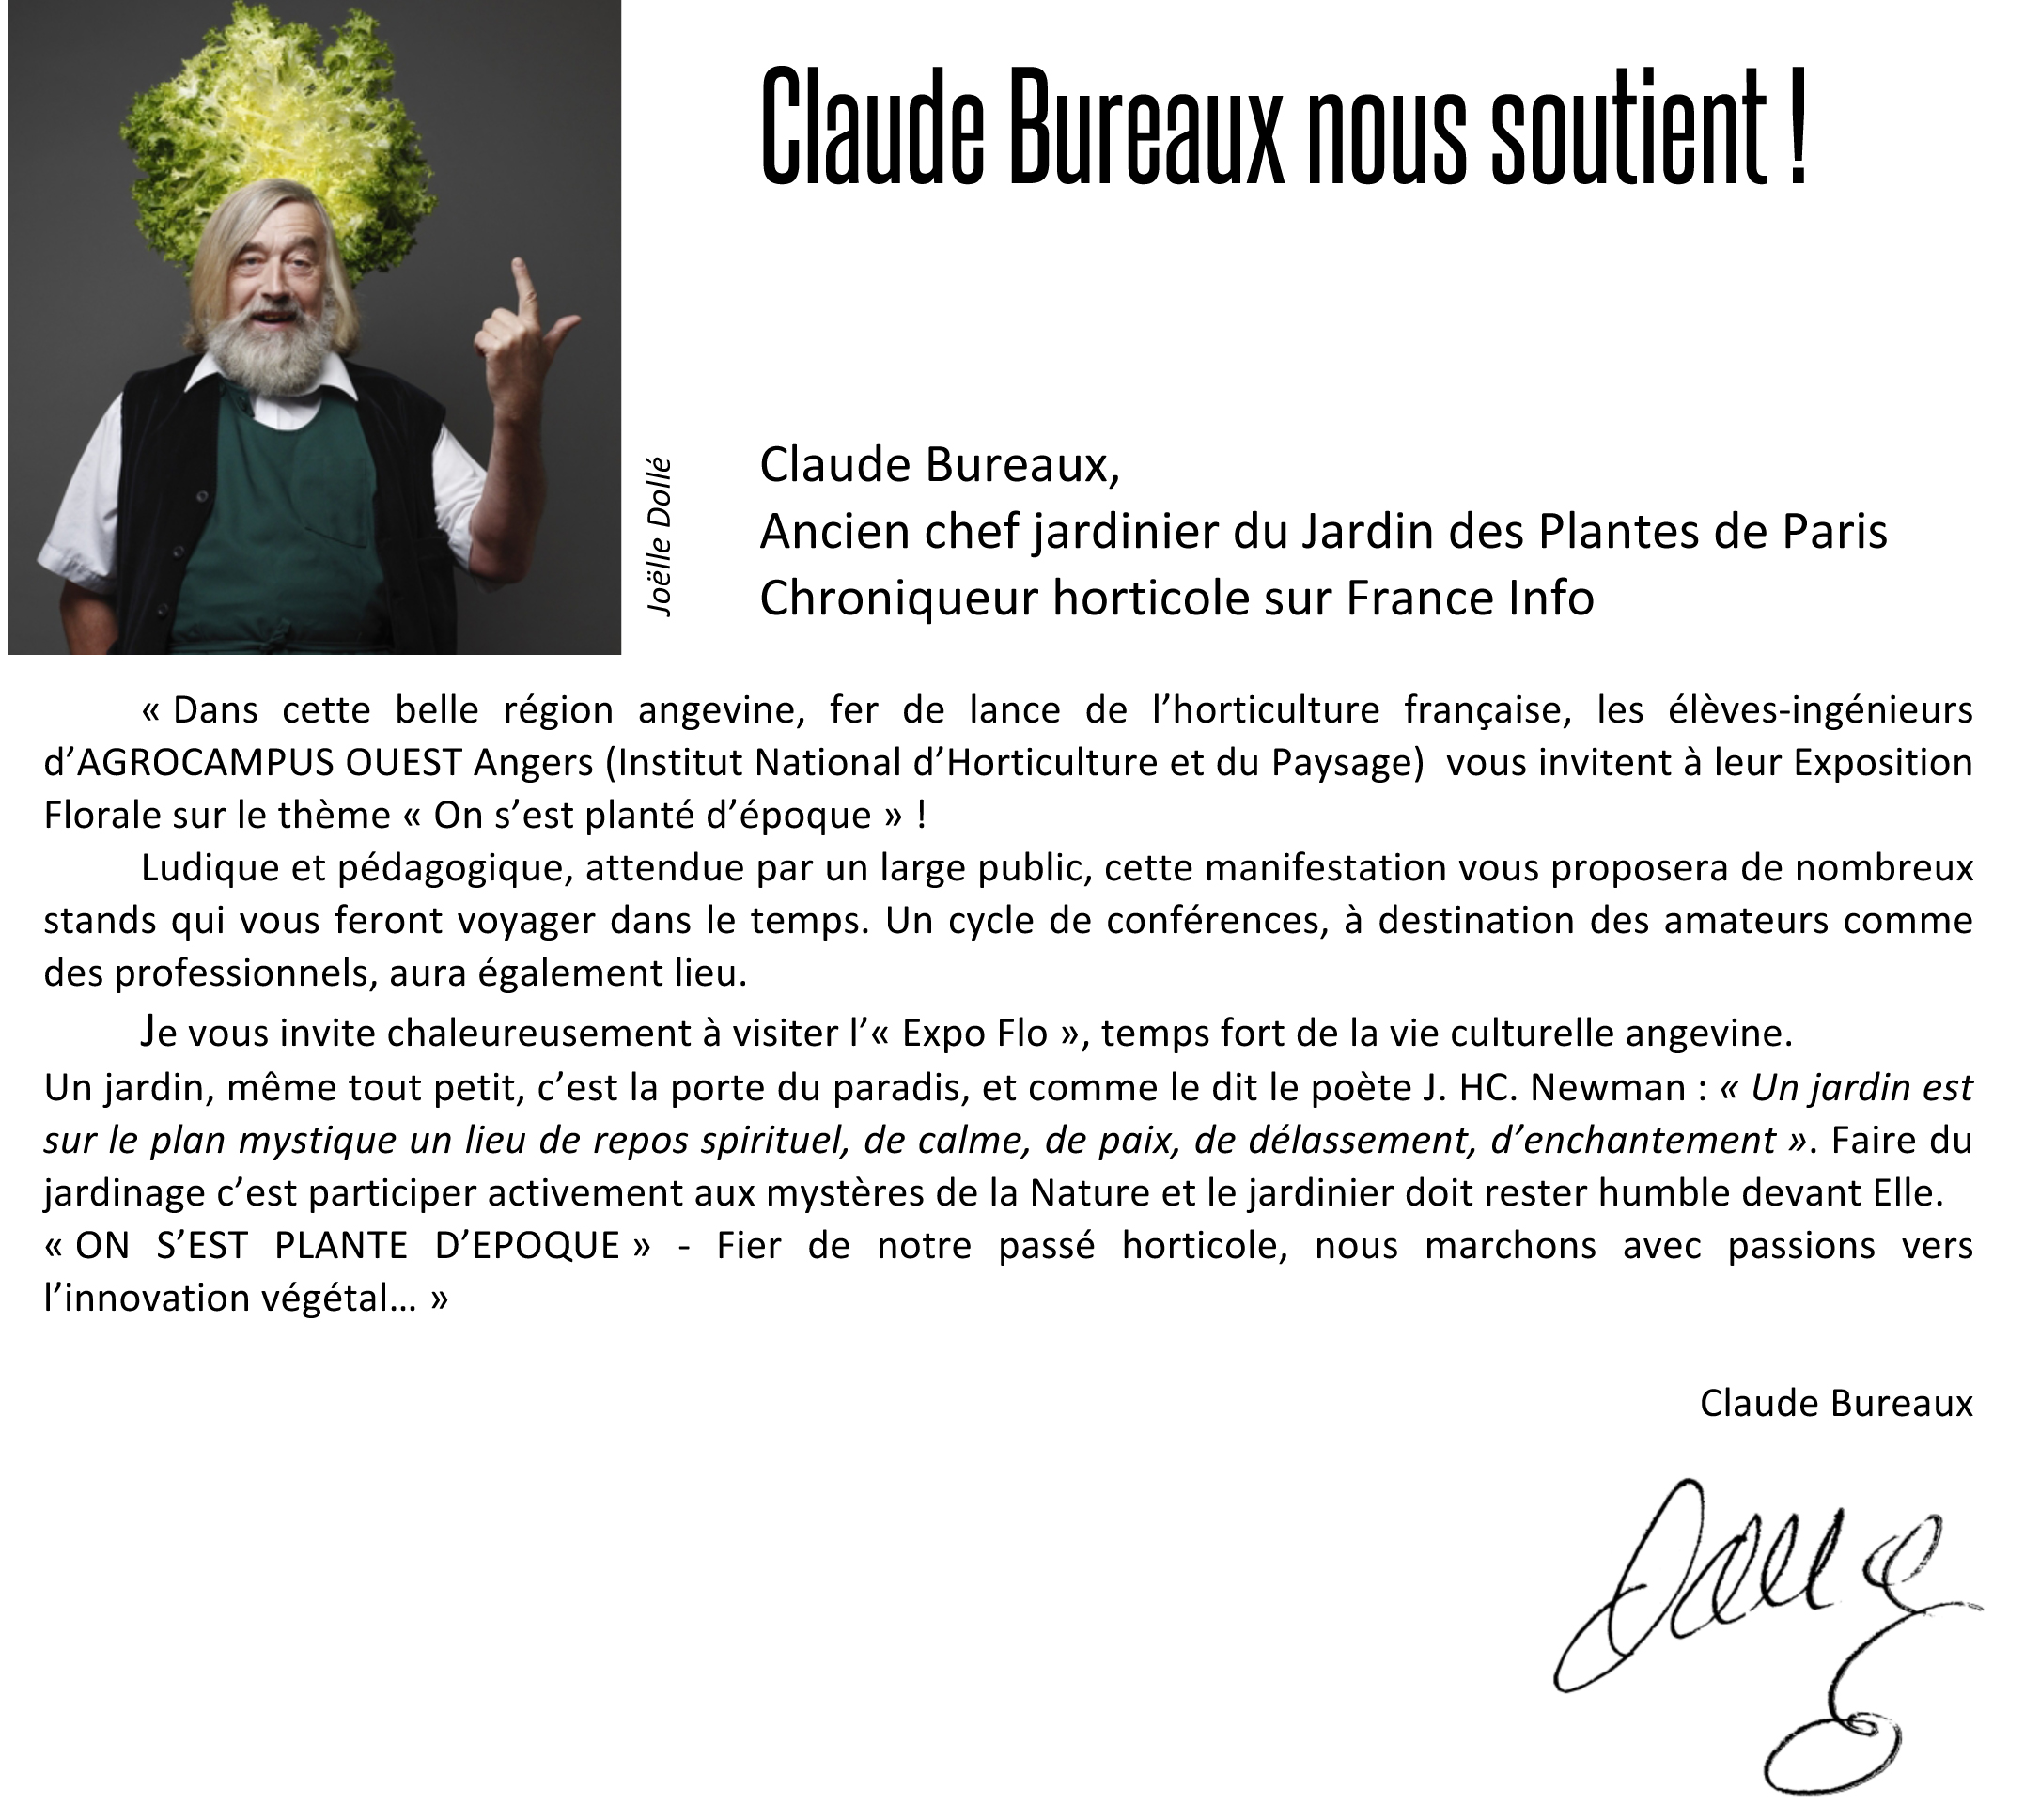 Microsoft Word - Claude Bureaux nous soutient(1).docx